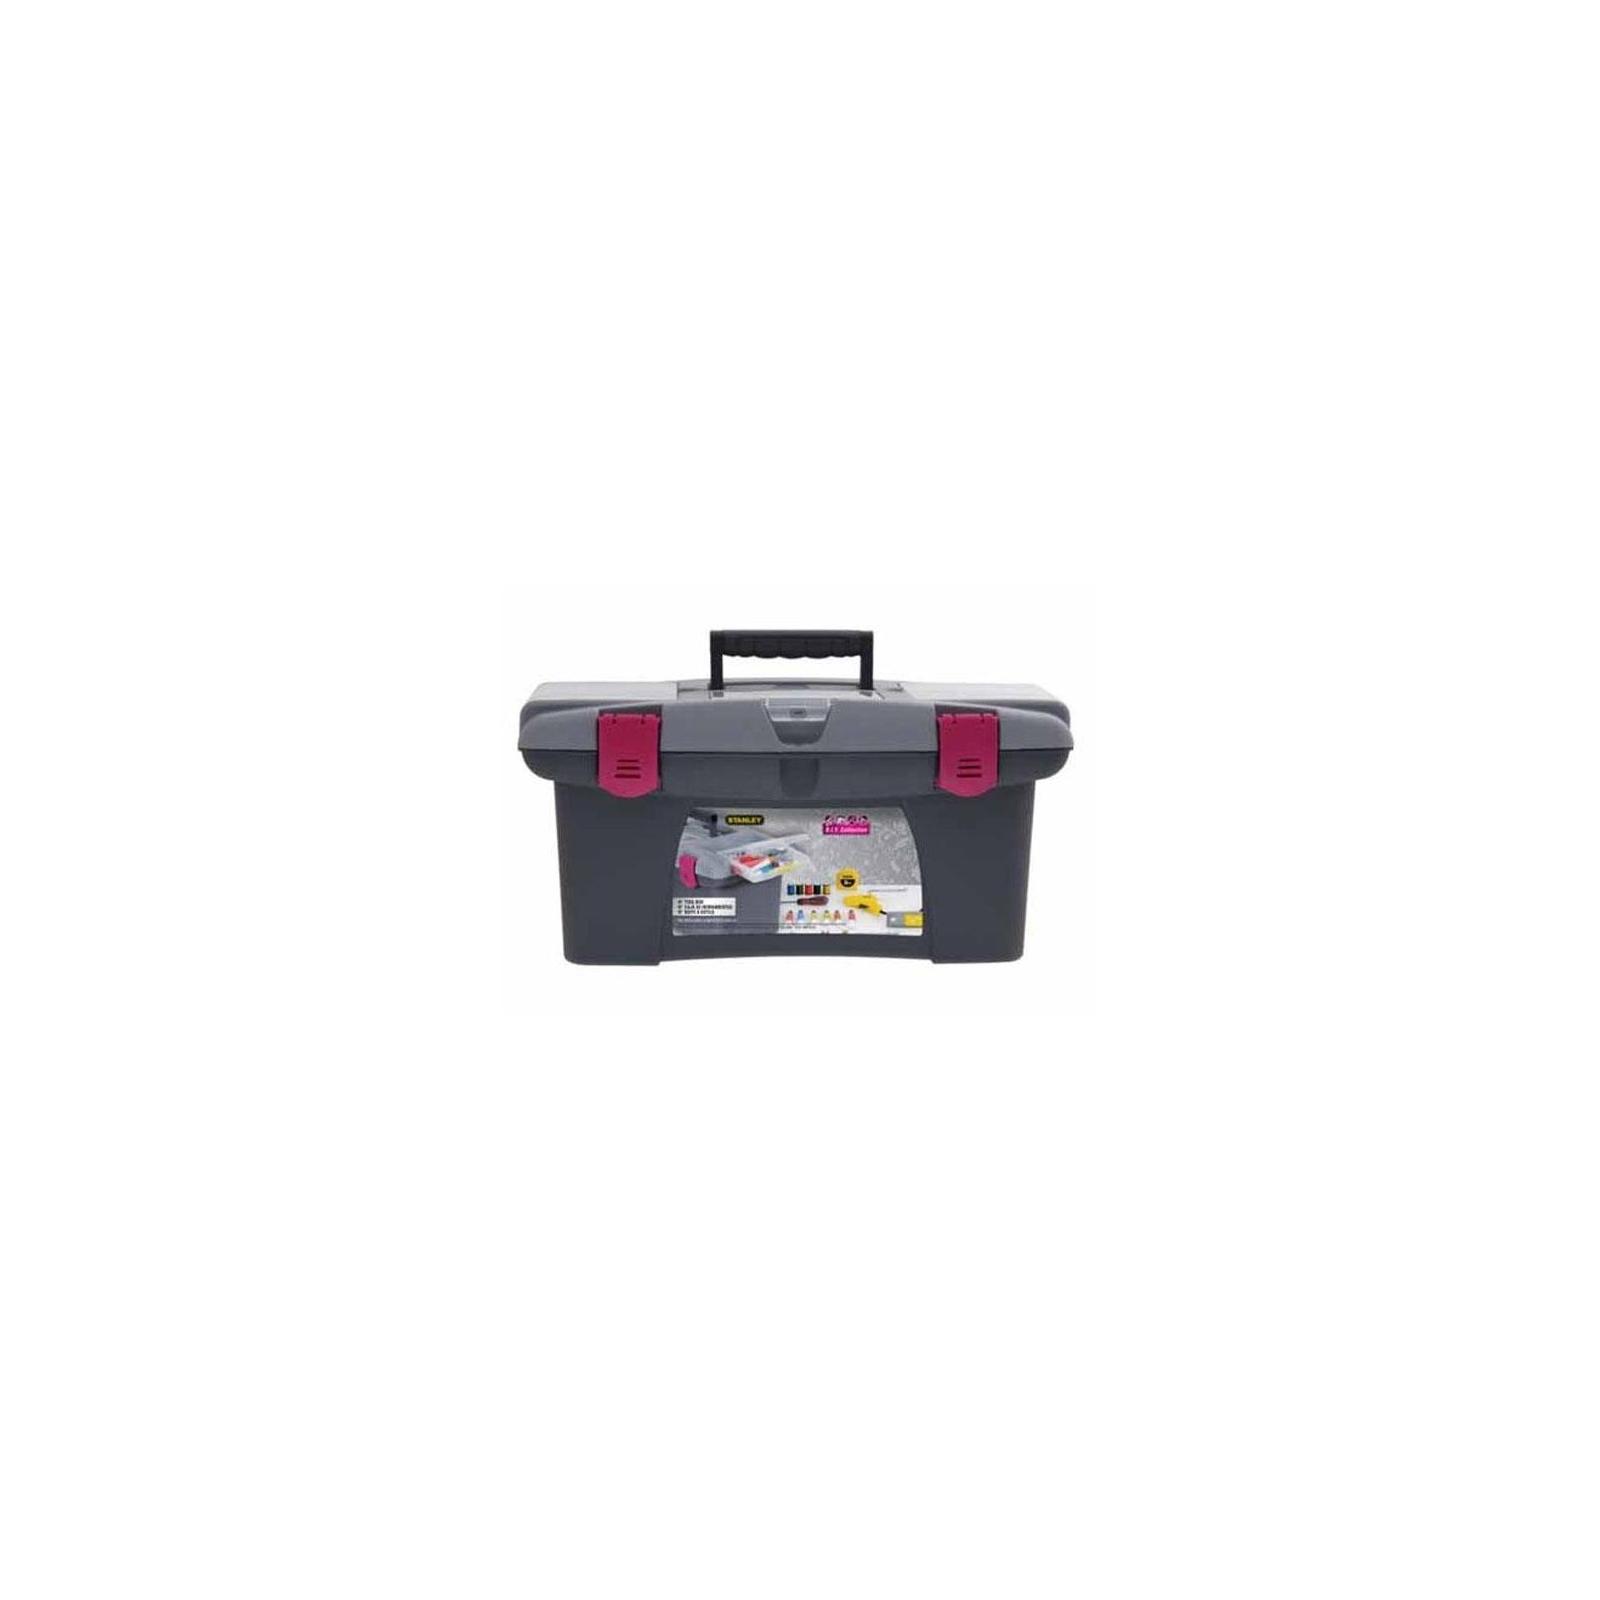 Ящик для инструментов Stanley для электроинструмента (400x254x182мм) (1-97-490)